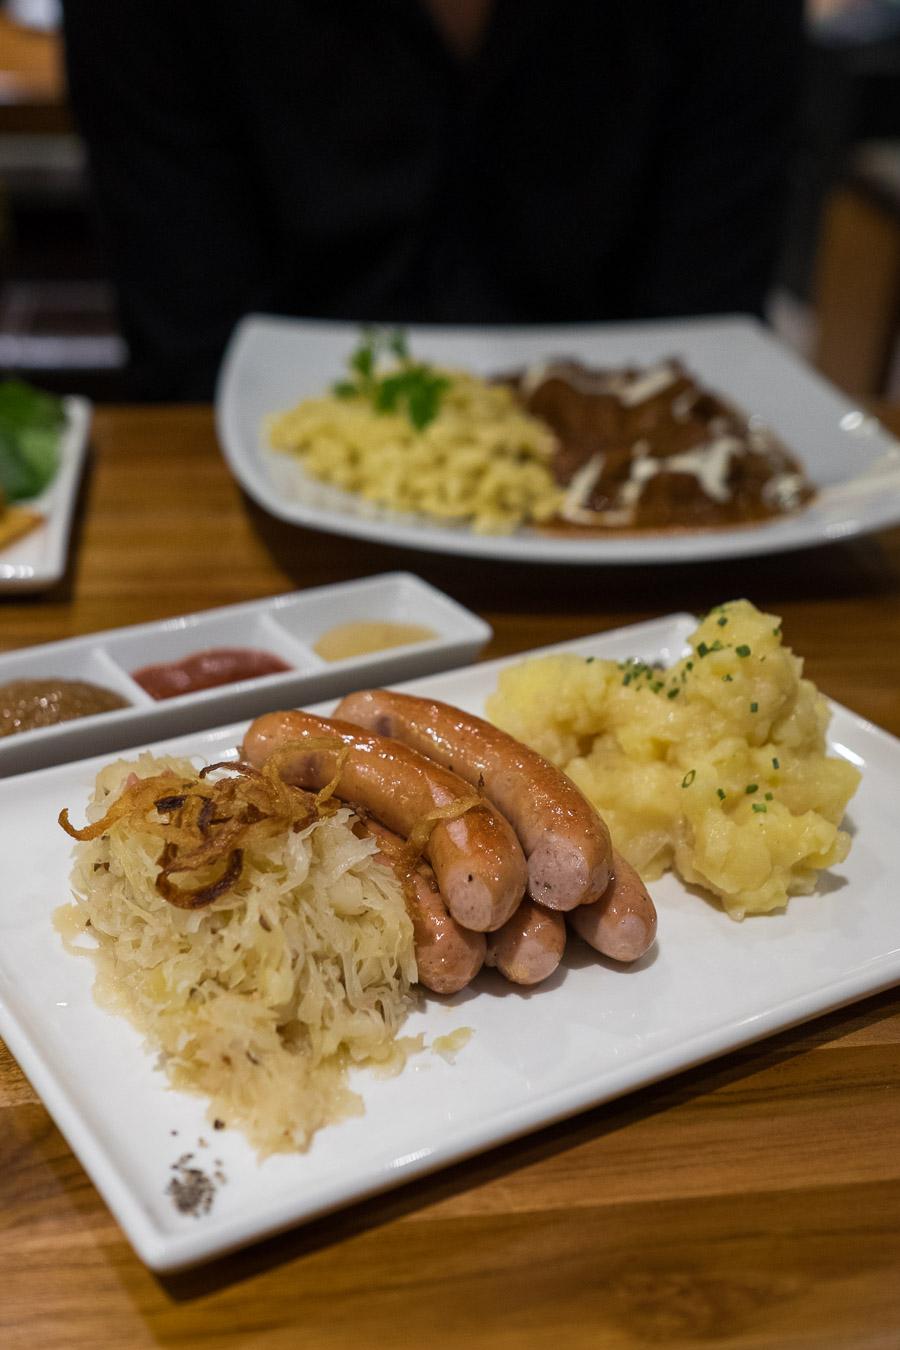 Pork sausages with sauerkraut and potato salad